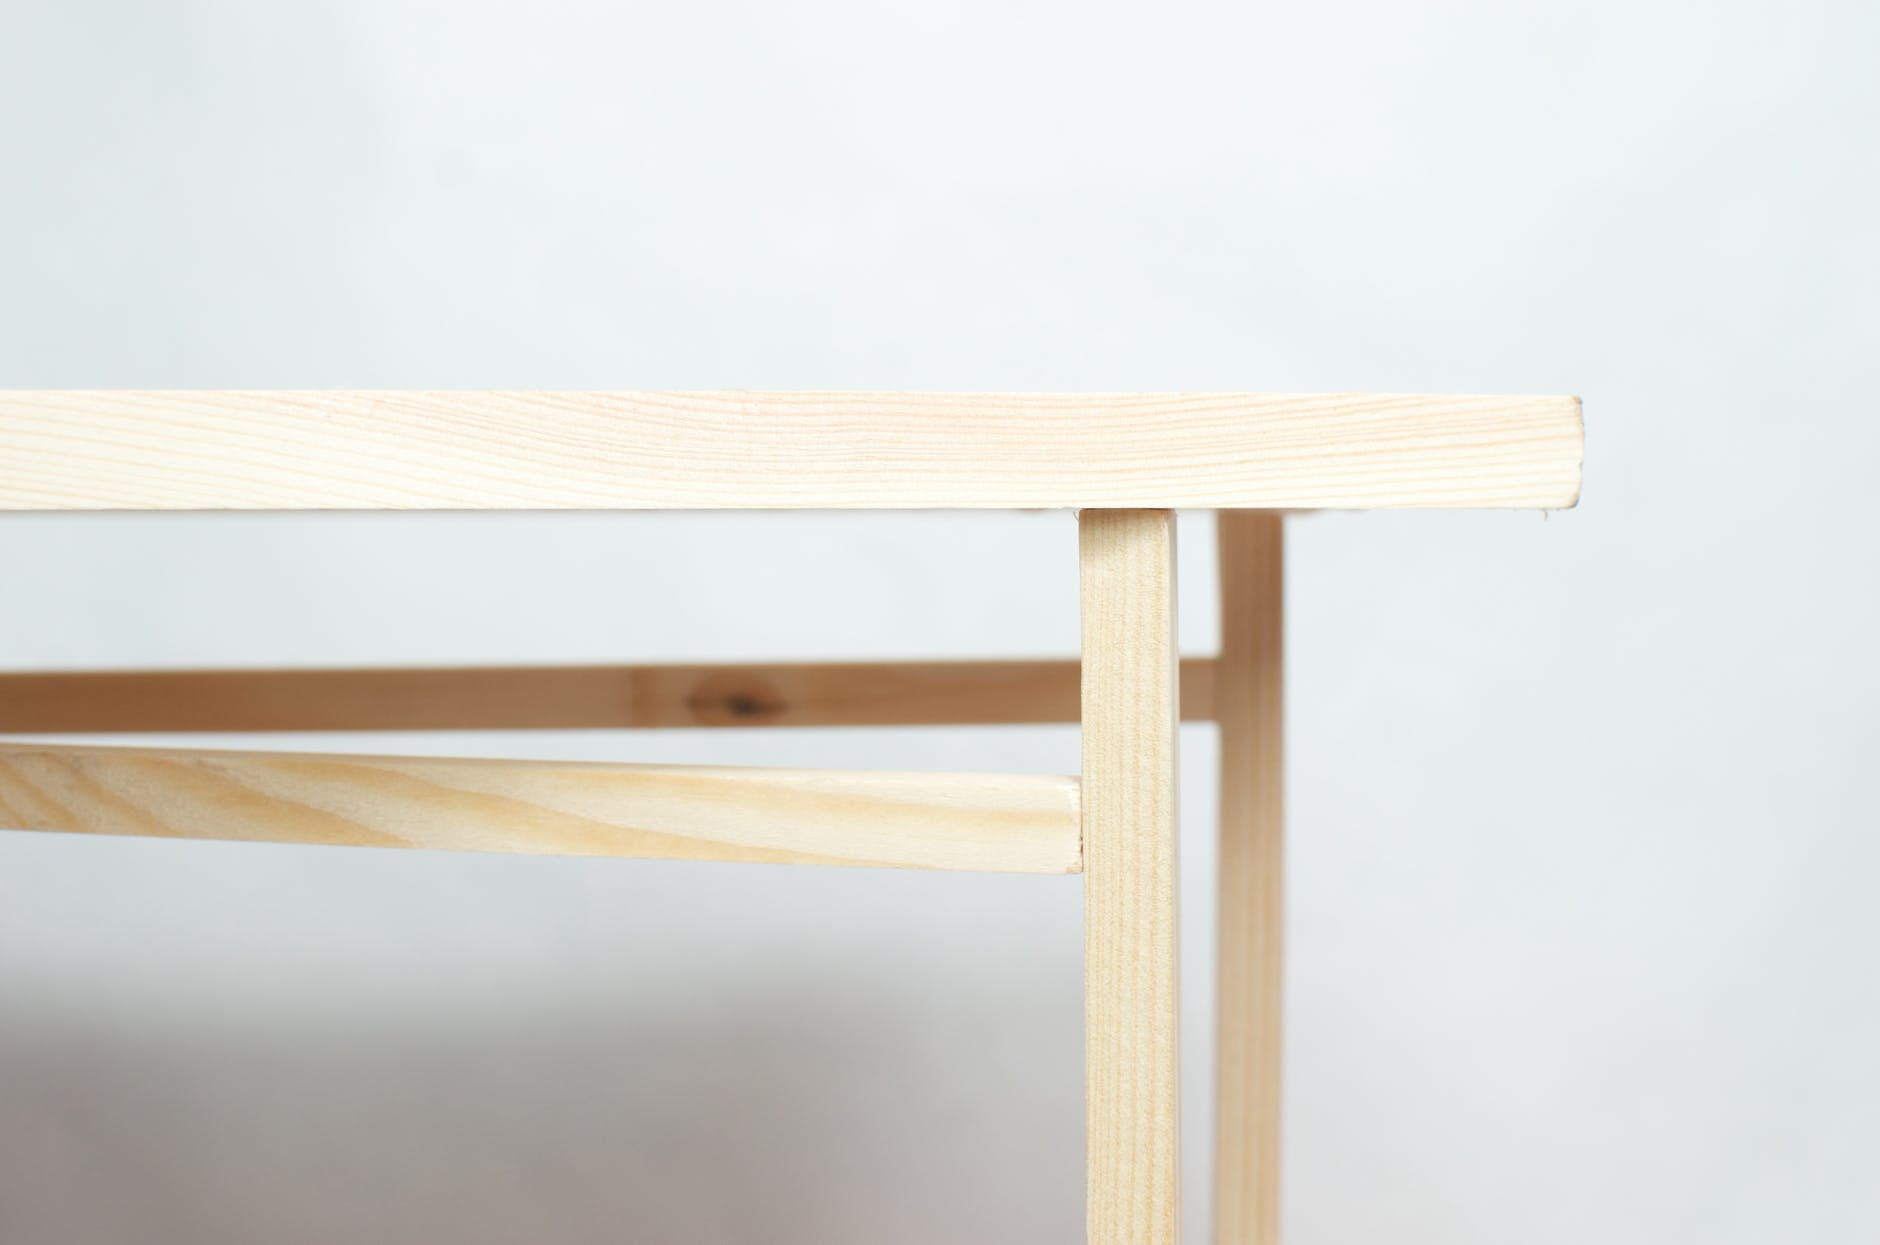 texture of wooden table in studio